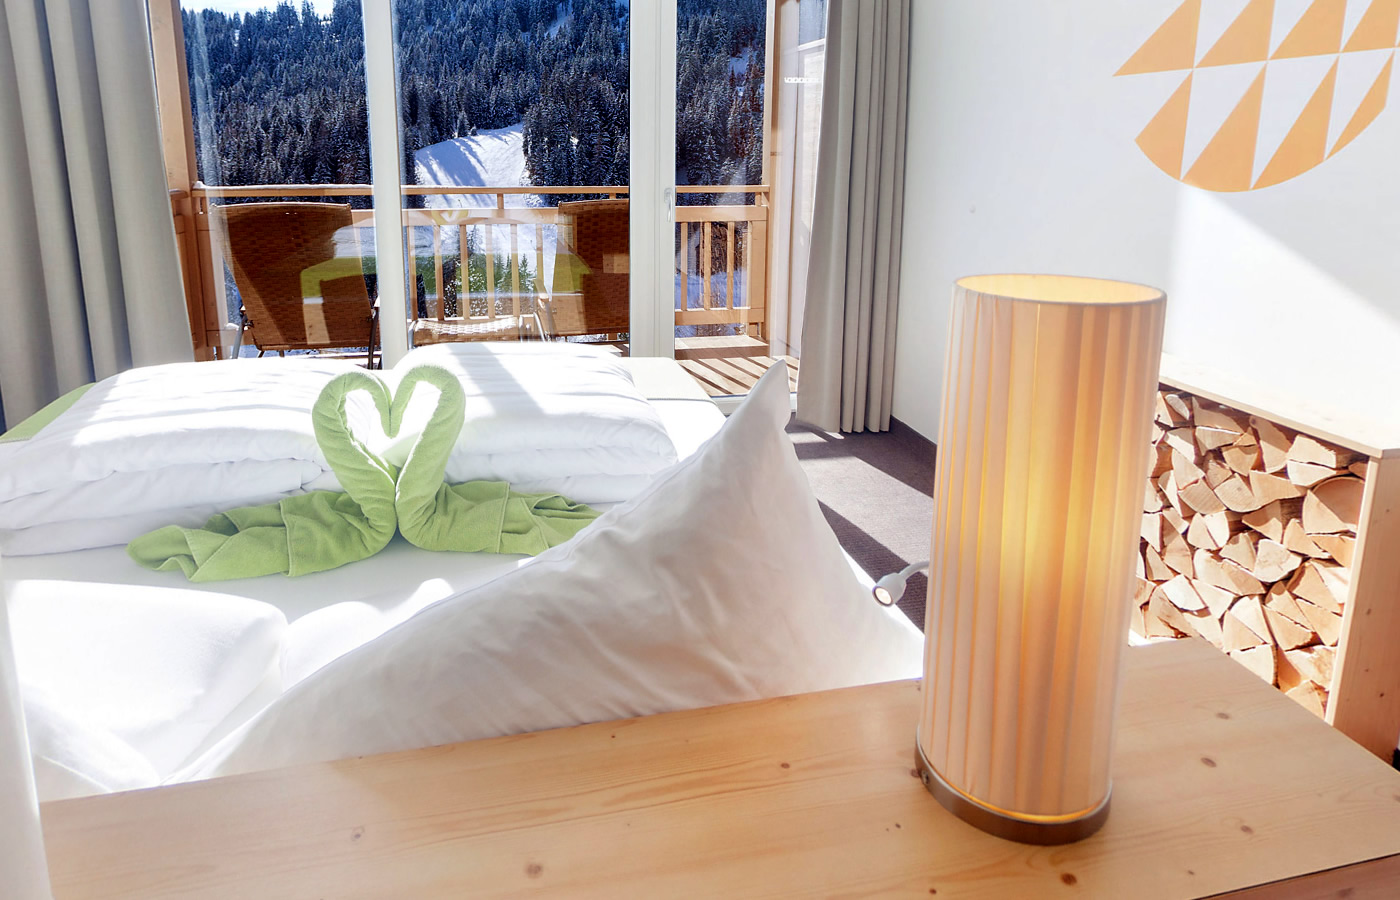 Aussichten Juniorsuiten im Hotel Natürlich in Fiss, Tirol.